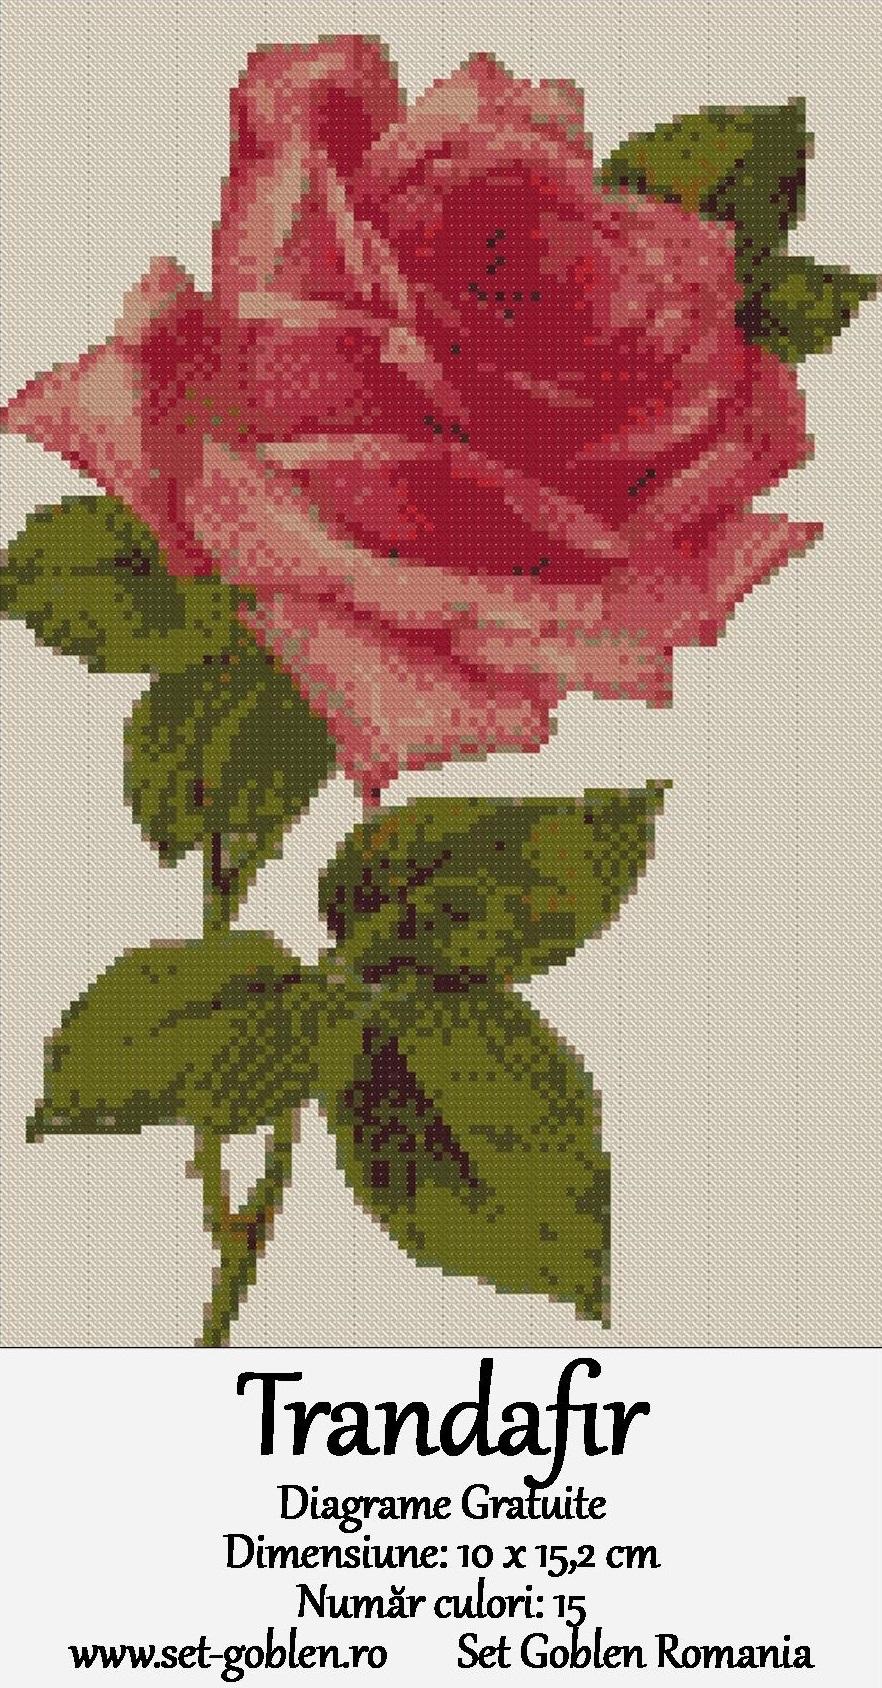 Trandafir – goblen cu diagrame gratuite